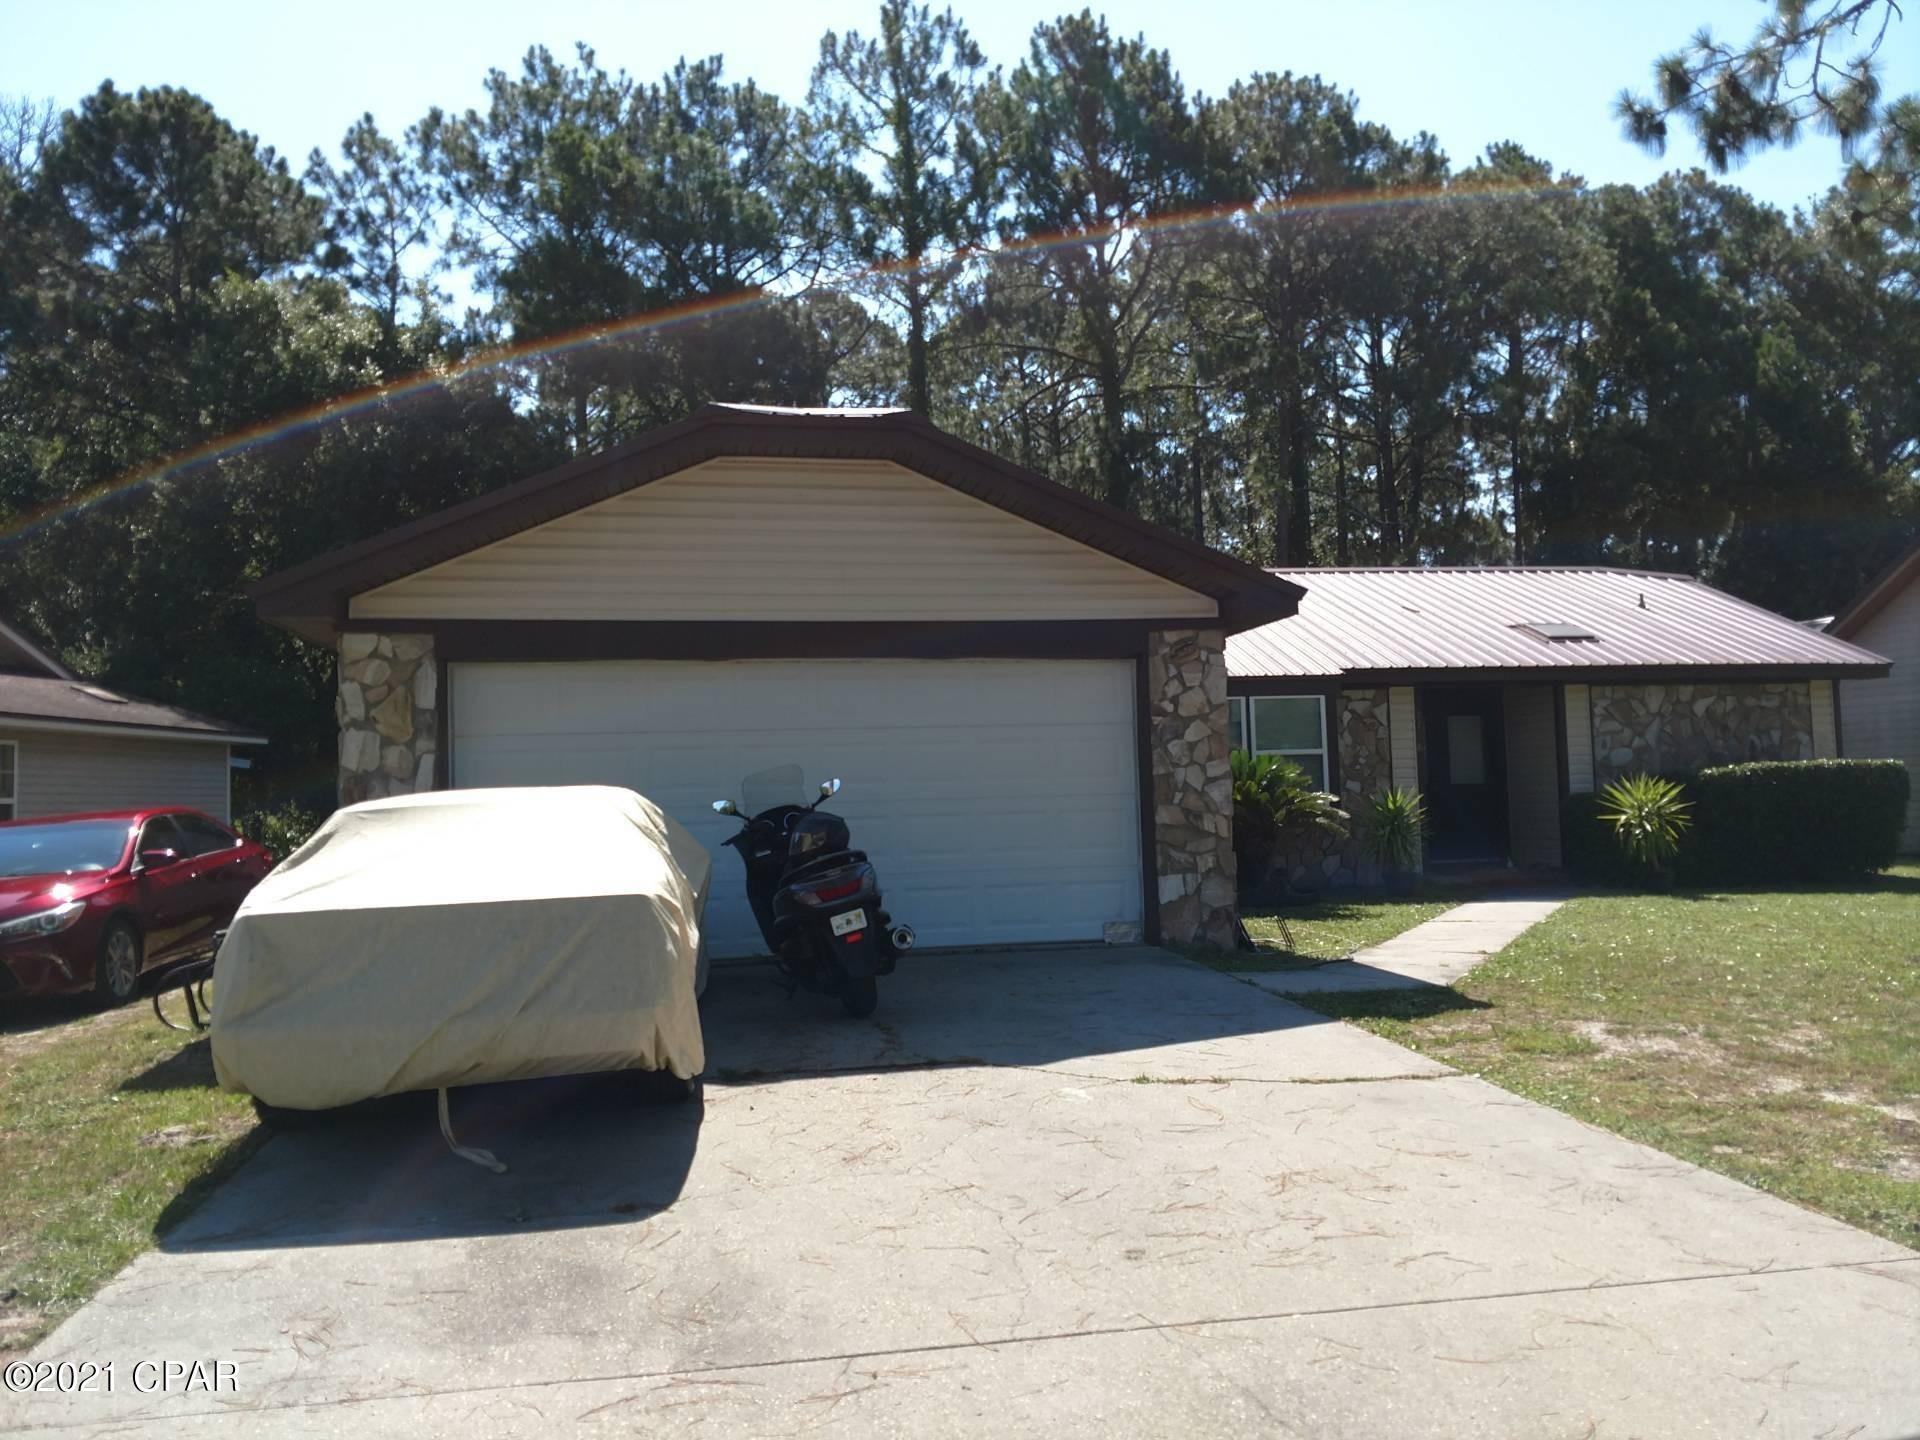 Photo of 7728 Betty Louise Drive Panama City FL 32404